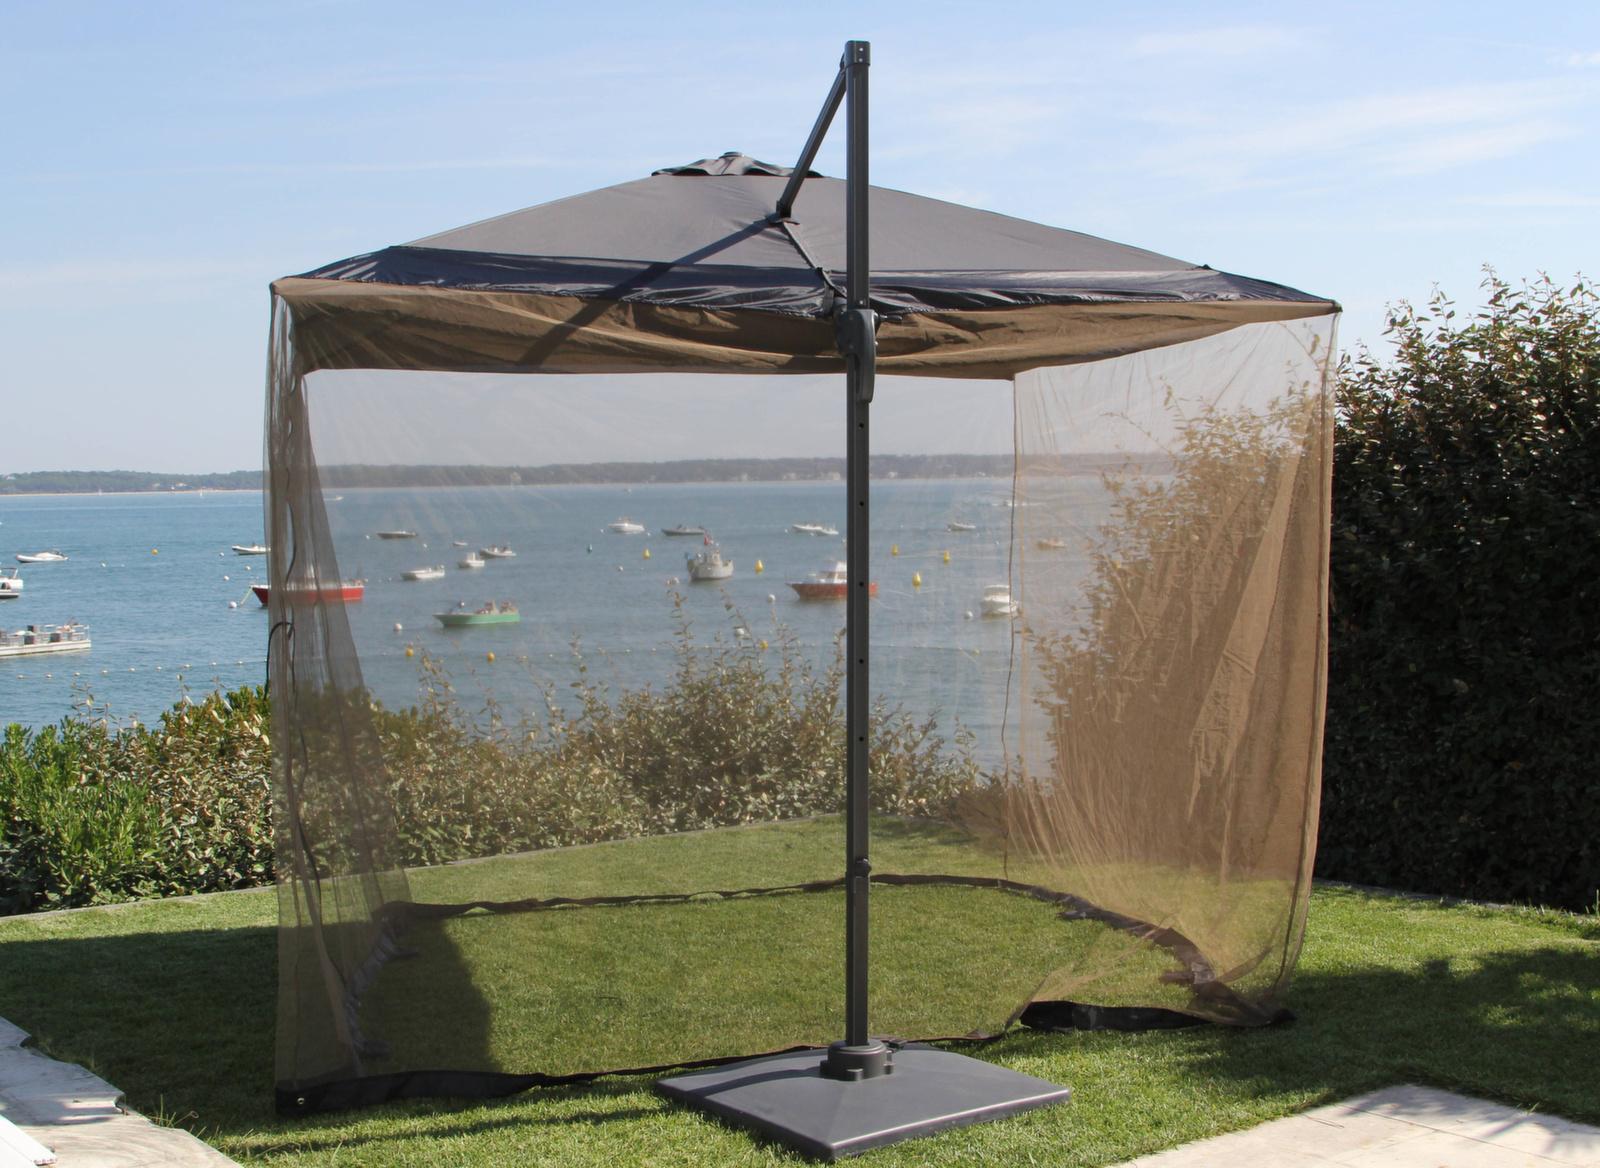 moustiquaire pour parasol d port 3 x 3 m accessoires et protections pour parasol proloisirs. Black Bedroom Furniture Sets. Home Design Ideas